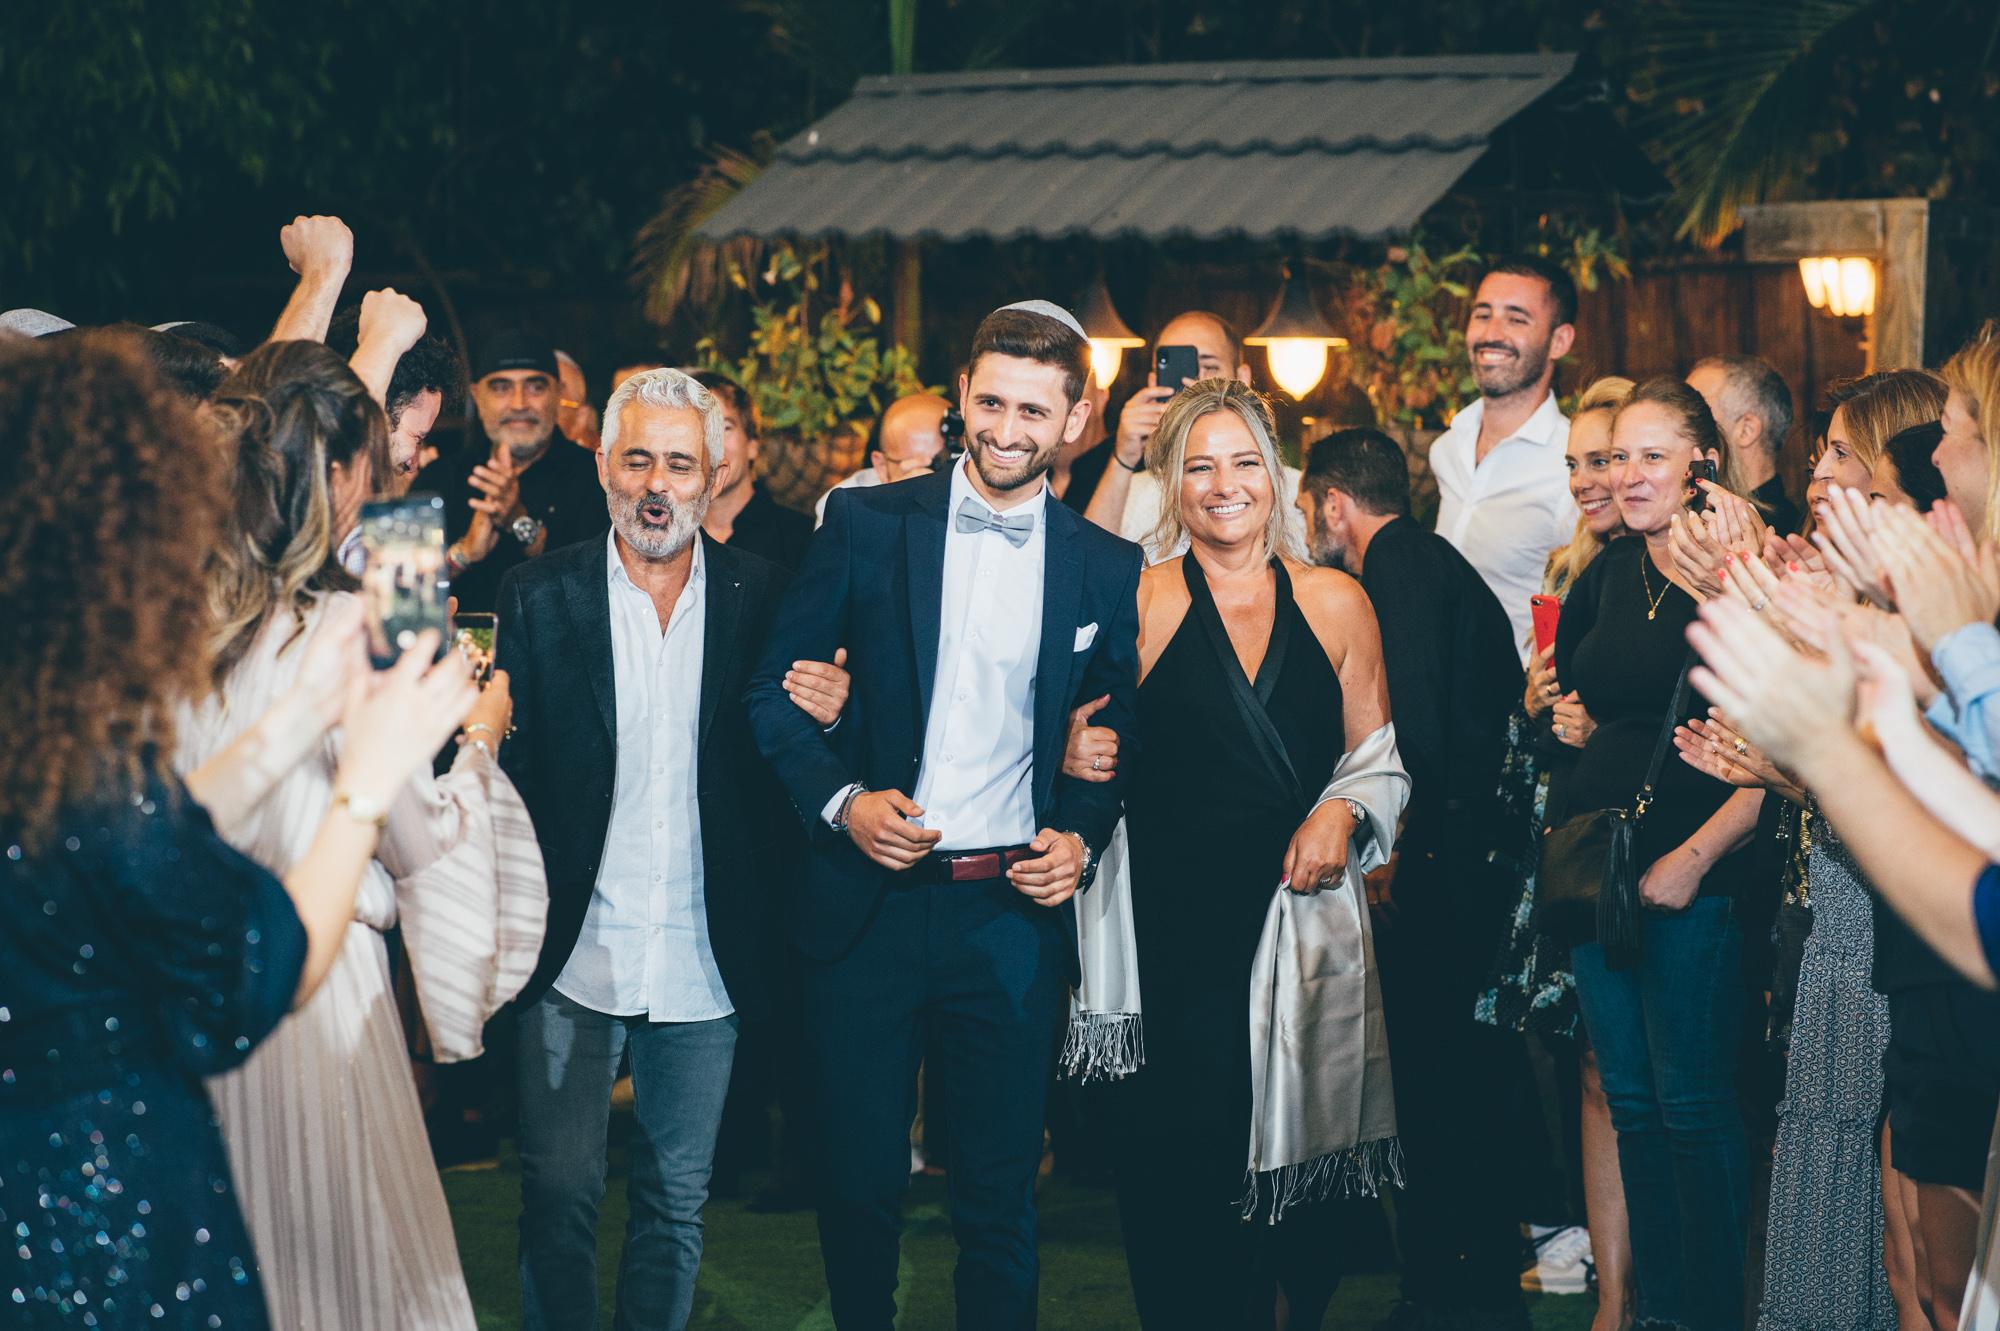 Wedding photos by - Asaf Kliger-71.jpg